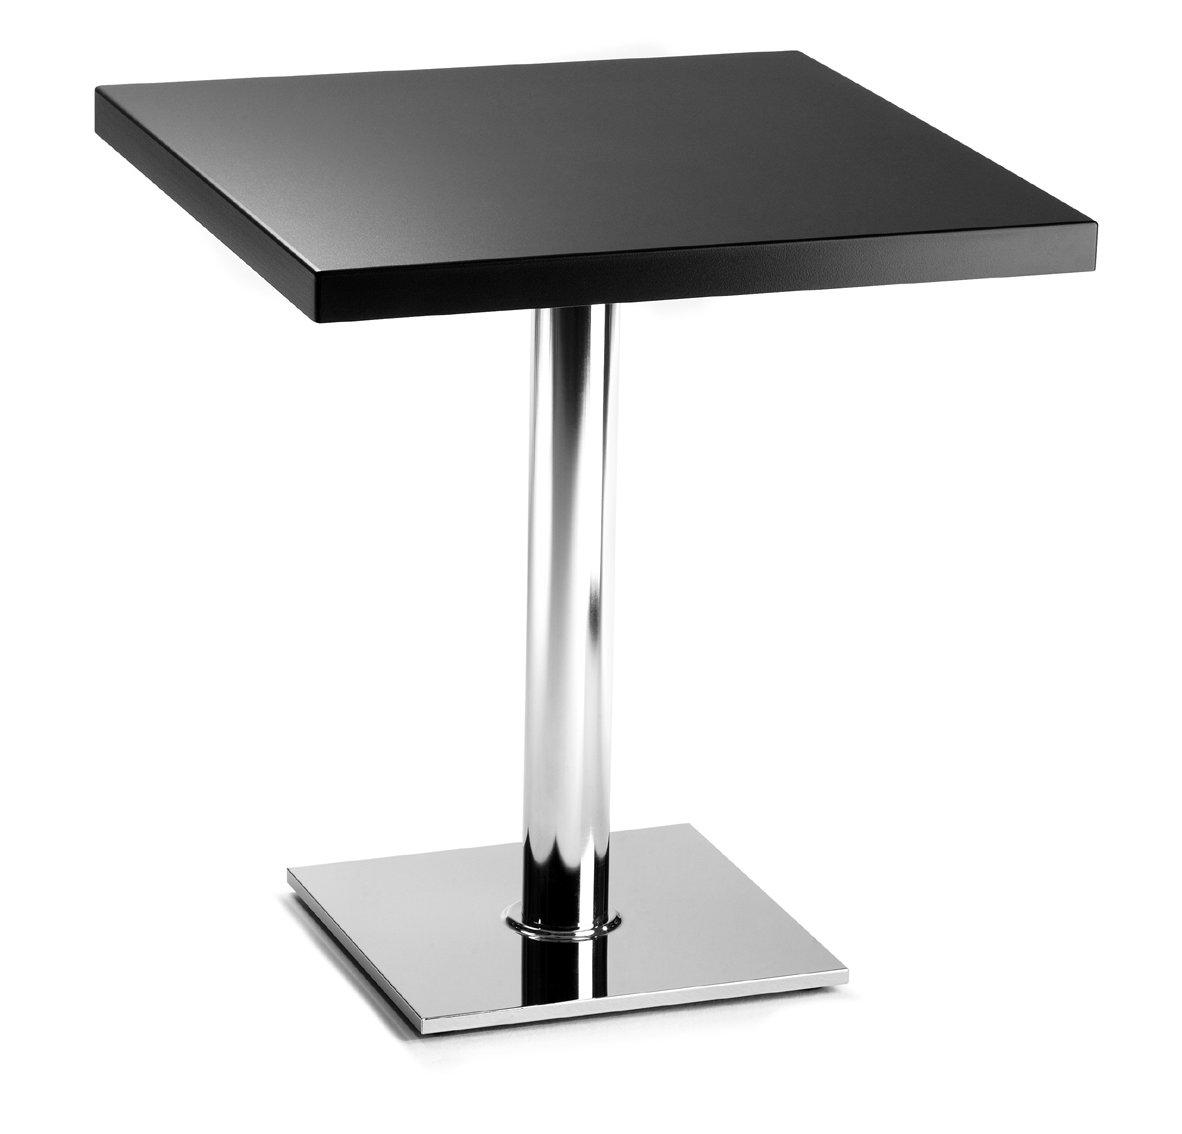 Moderner und preiswerter bistrotisch bt 3020 schwarze for Design bistrotisch